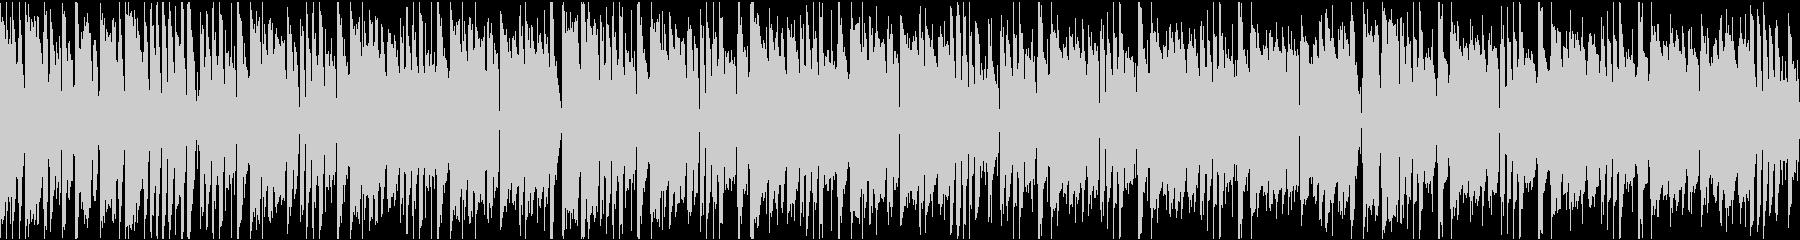 かわいいコミカル/ループ/イントロ8秒の未再生の波形